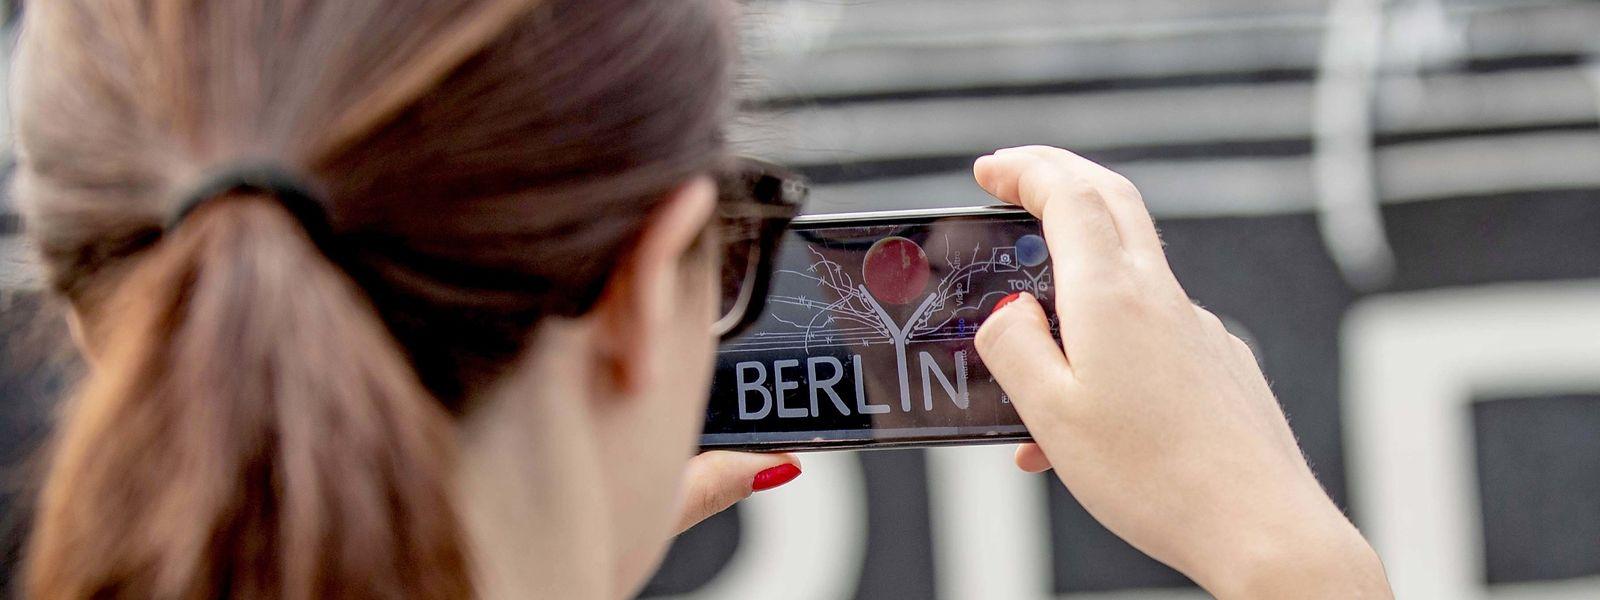 Ob die Smartphone-Kamera etwas taugt, findet man entweder draußen auf Foto-Safari heraus - oder im Testlabor.